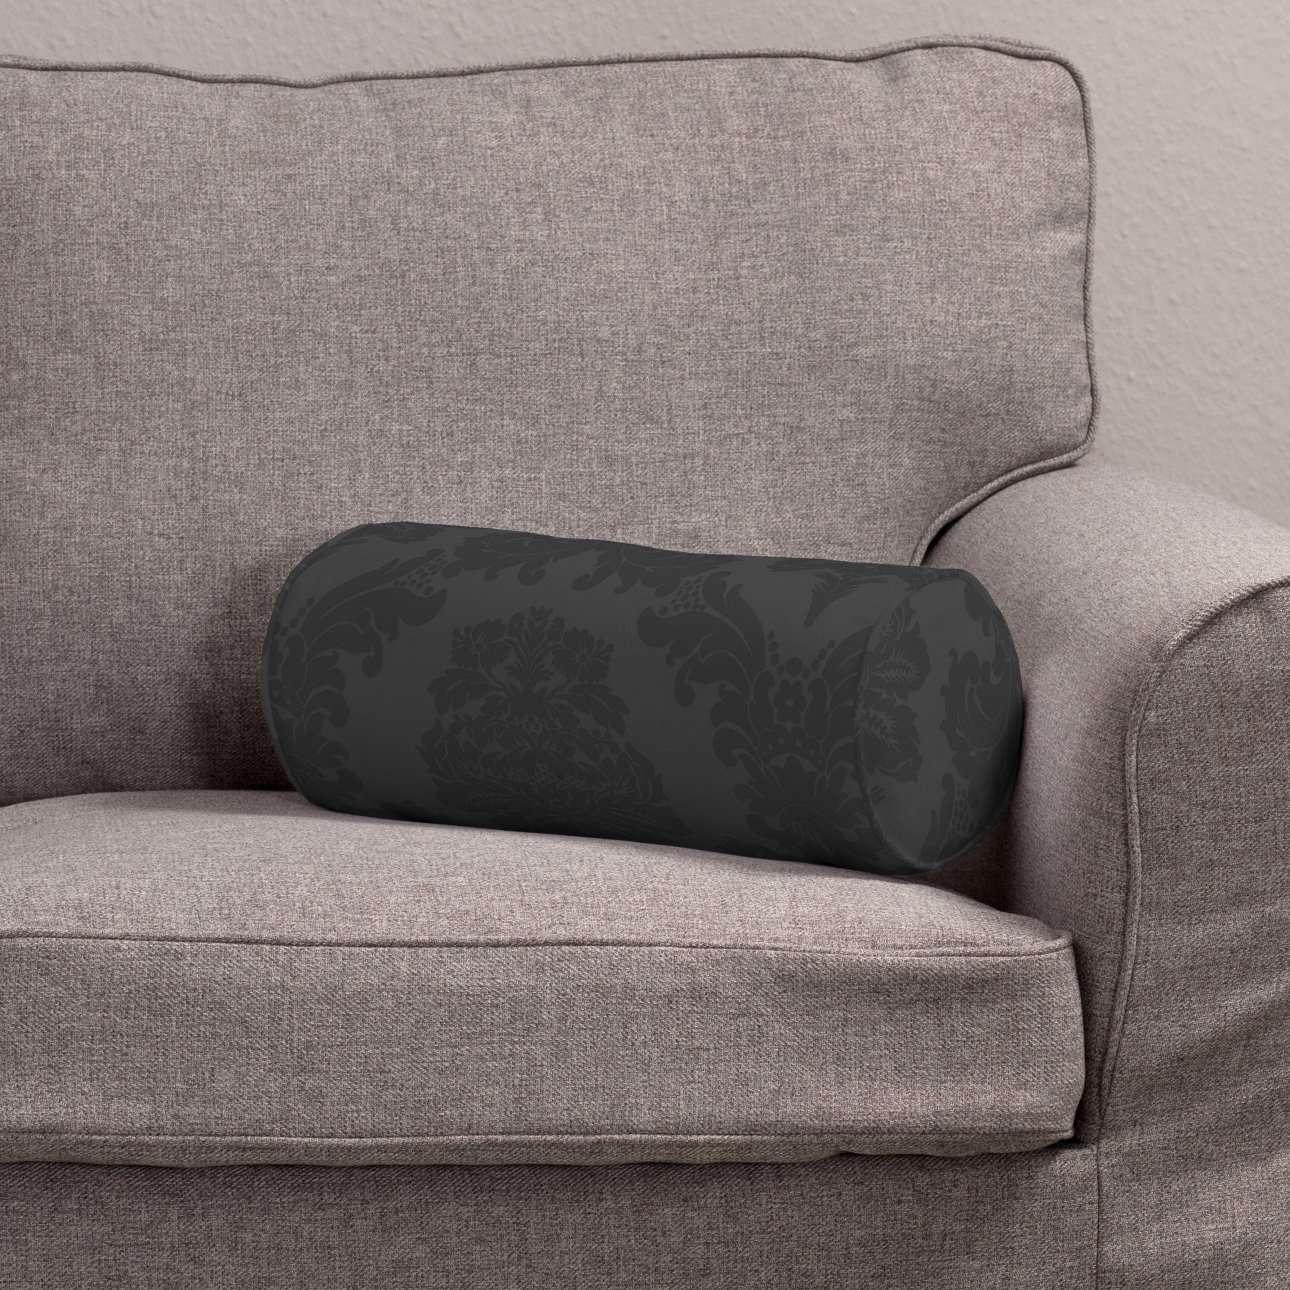 Einfache Nackenrolle Ø 16 x 40 cm von der Kollektion Damasco, Stoff: 613-32